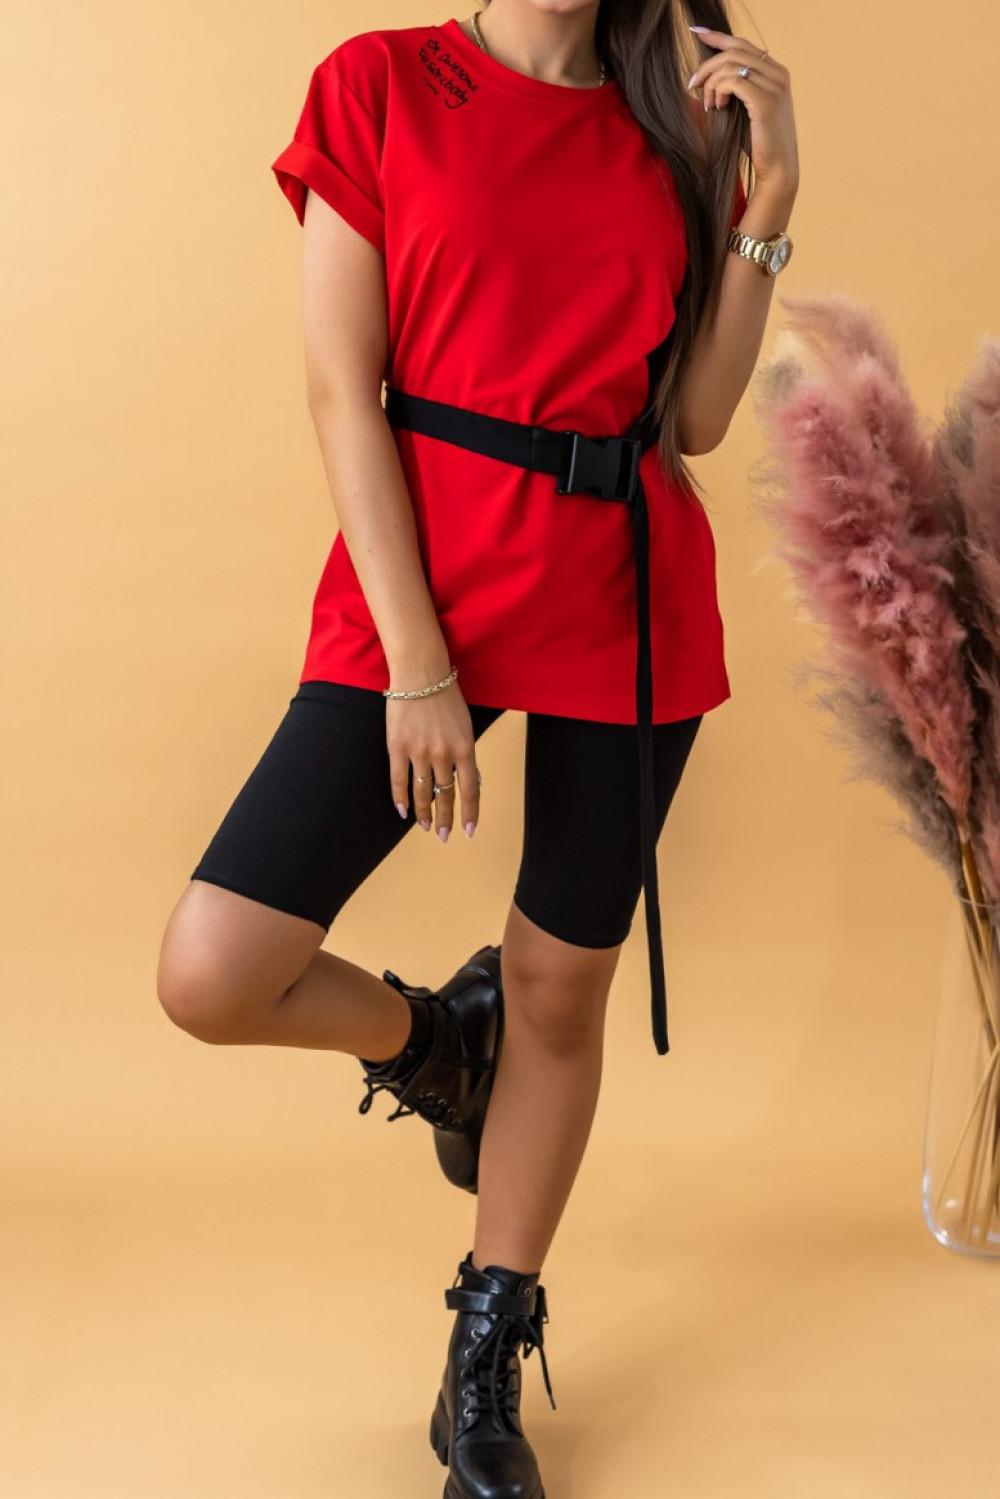 Czerwony komplet damski z t-shirtem i kolarkami Awesome 2